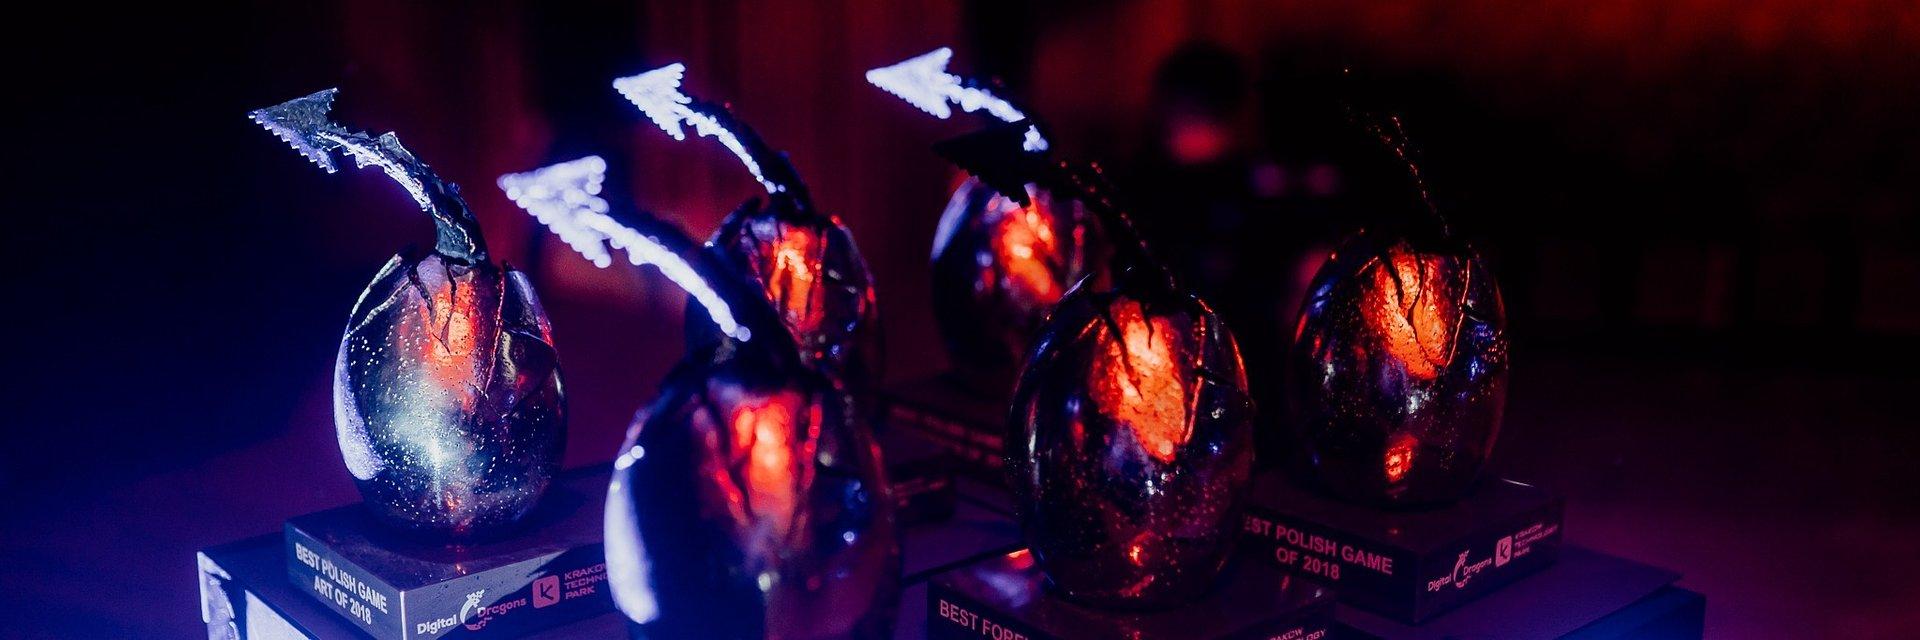 Cztery nominacje dla 112 Operator, Shing! i Ghostrunner, trzy dla Cyberpunk 2077 i Carrion – w tegorocznym rozdaniu Digital Dragons Awards szykuje się ostra rywalizacja